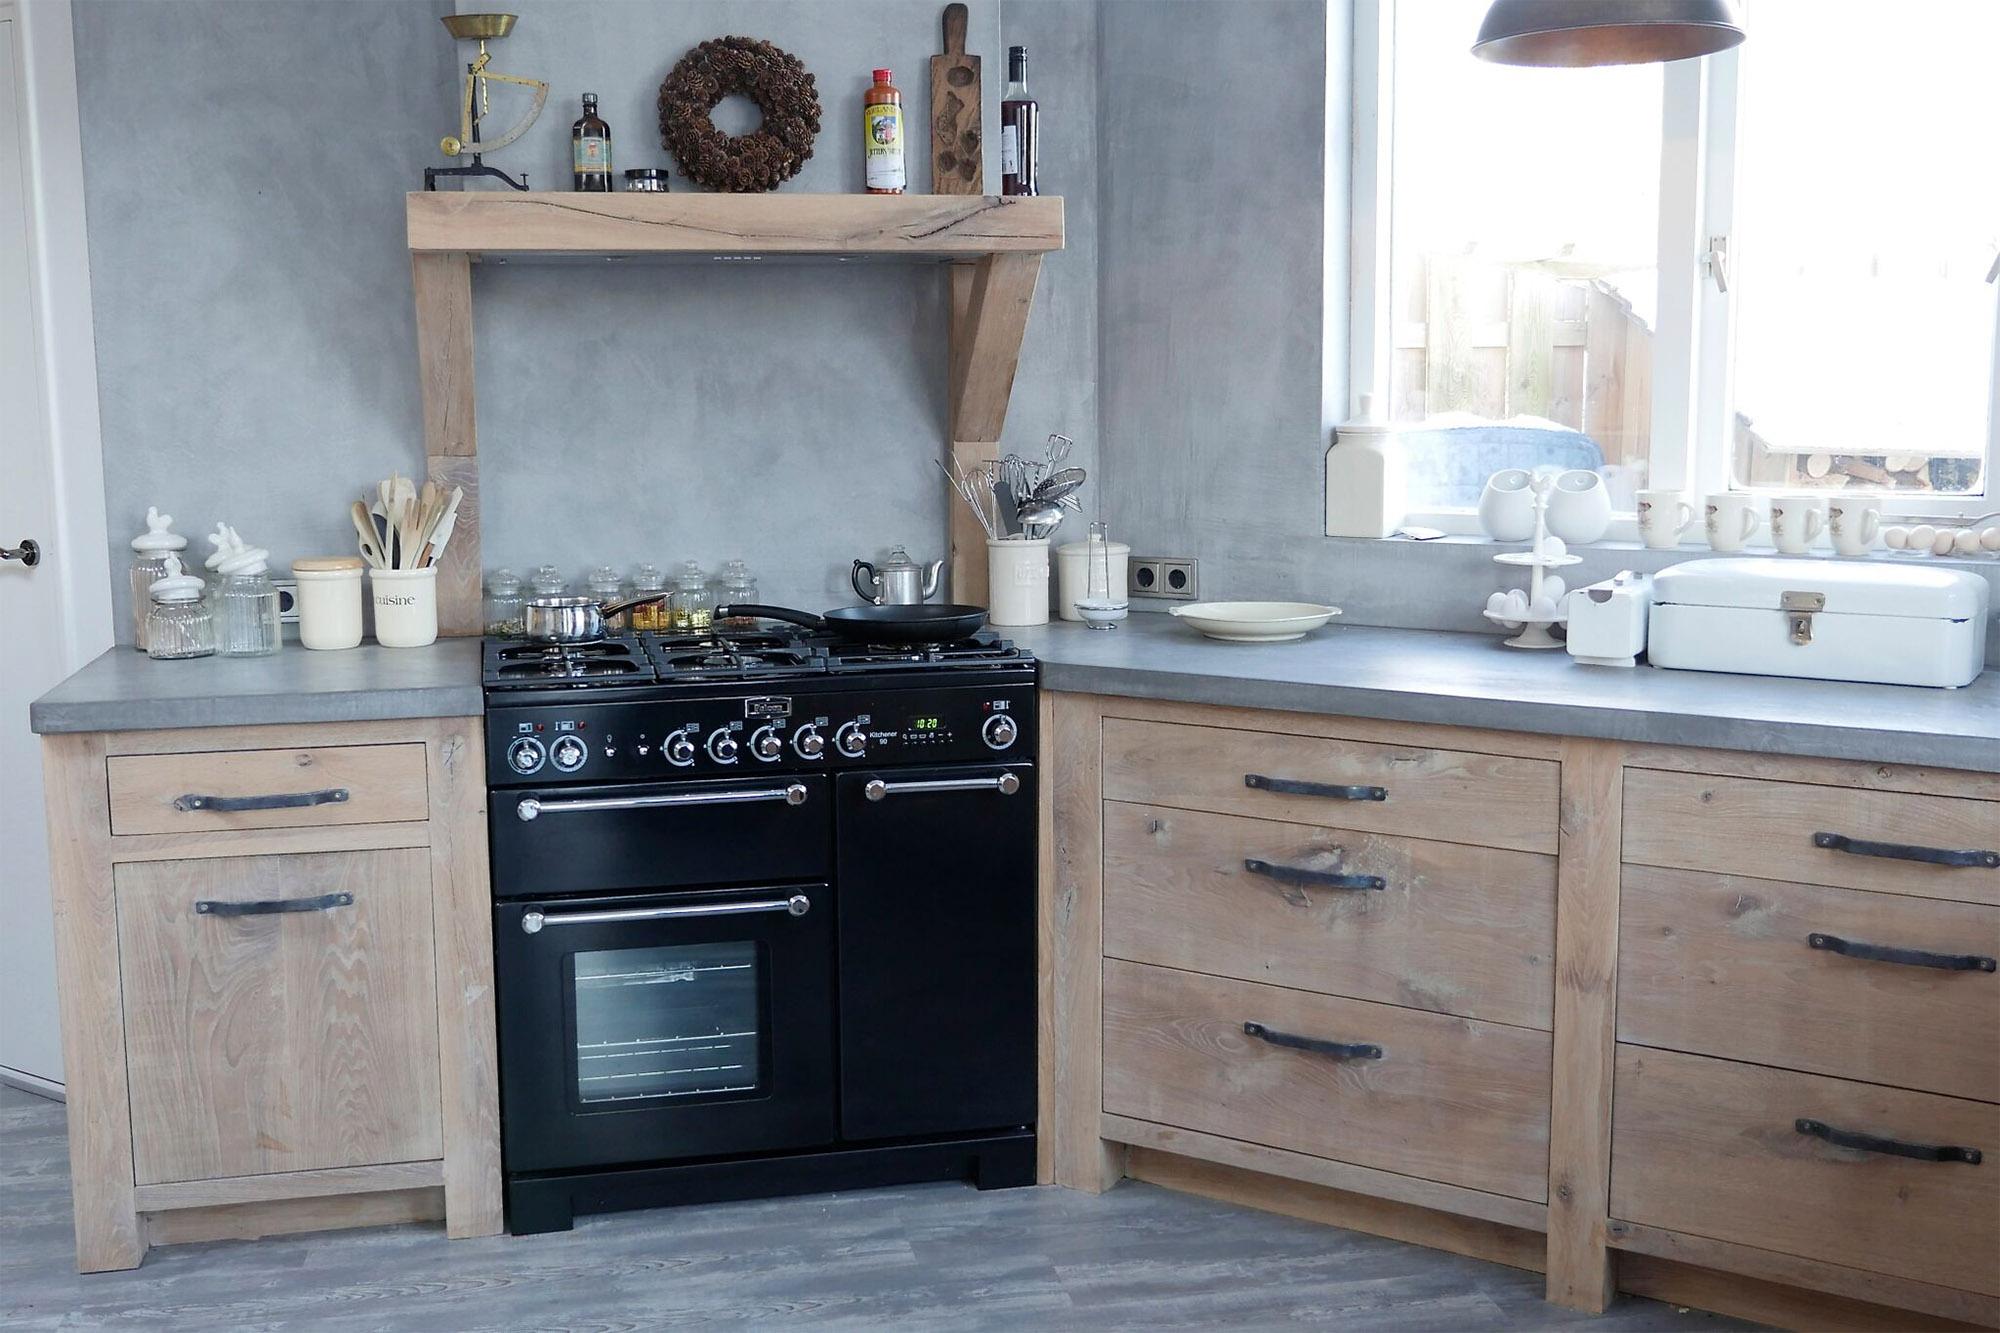 Keuken Eiken Houten : Keukens gerrit met hout